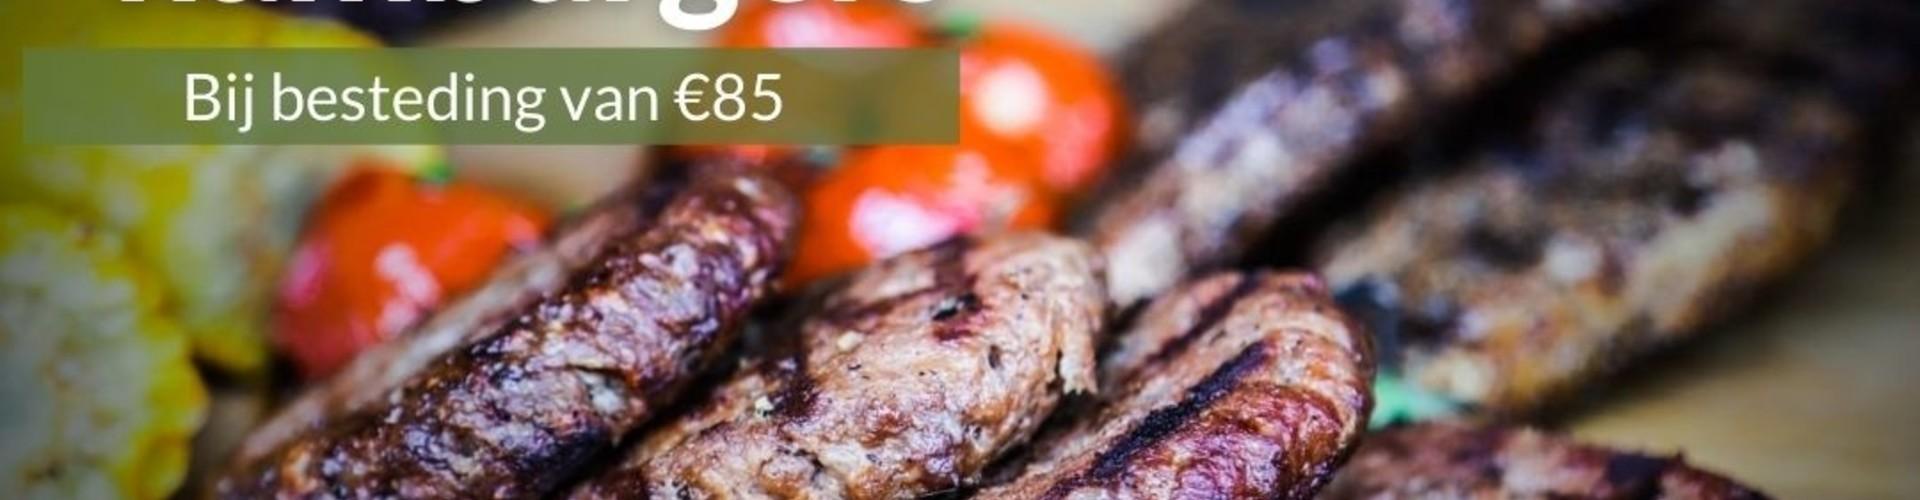 ACTIE VERLOPEN GRATIS 5 hamburgers bij besteding van €85,-